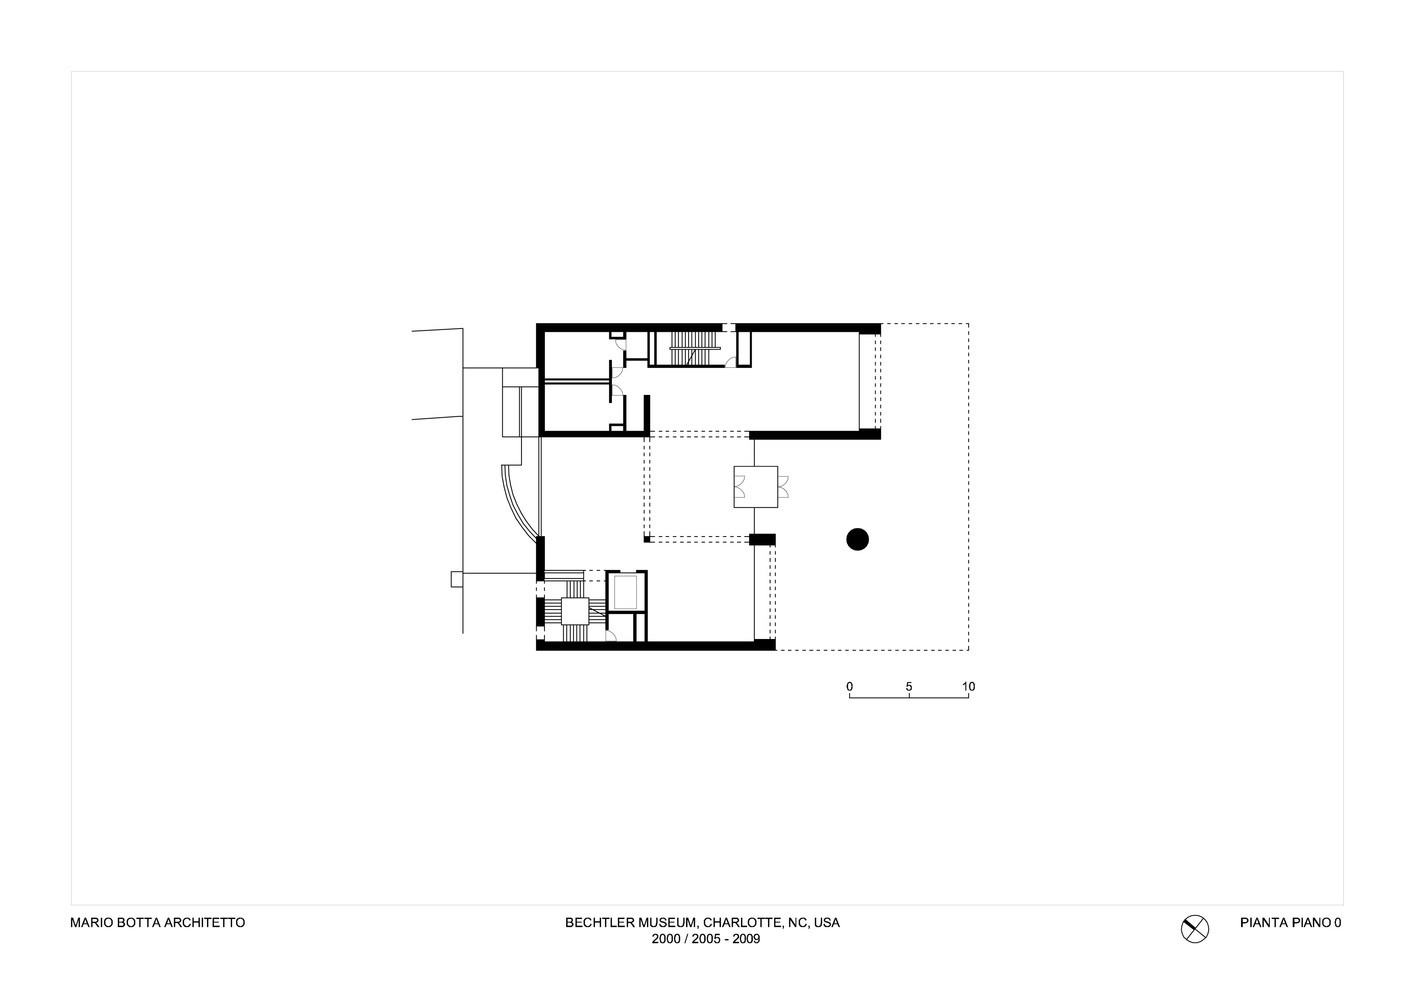 Gallery of Bechtler Museum of Modern Art / Mario Botta - 15